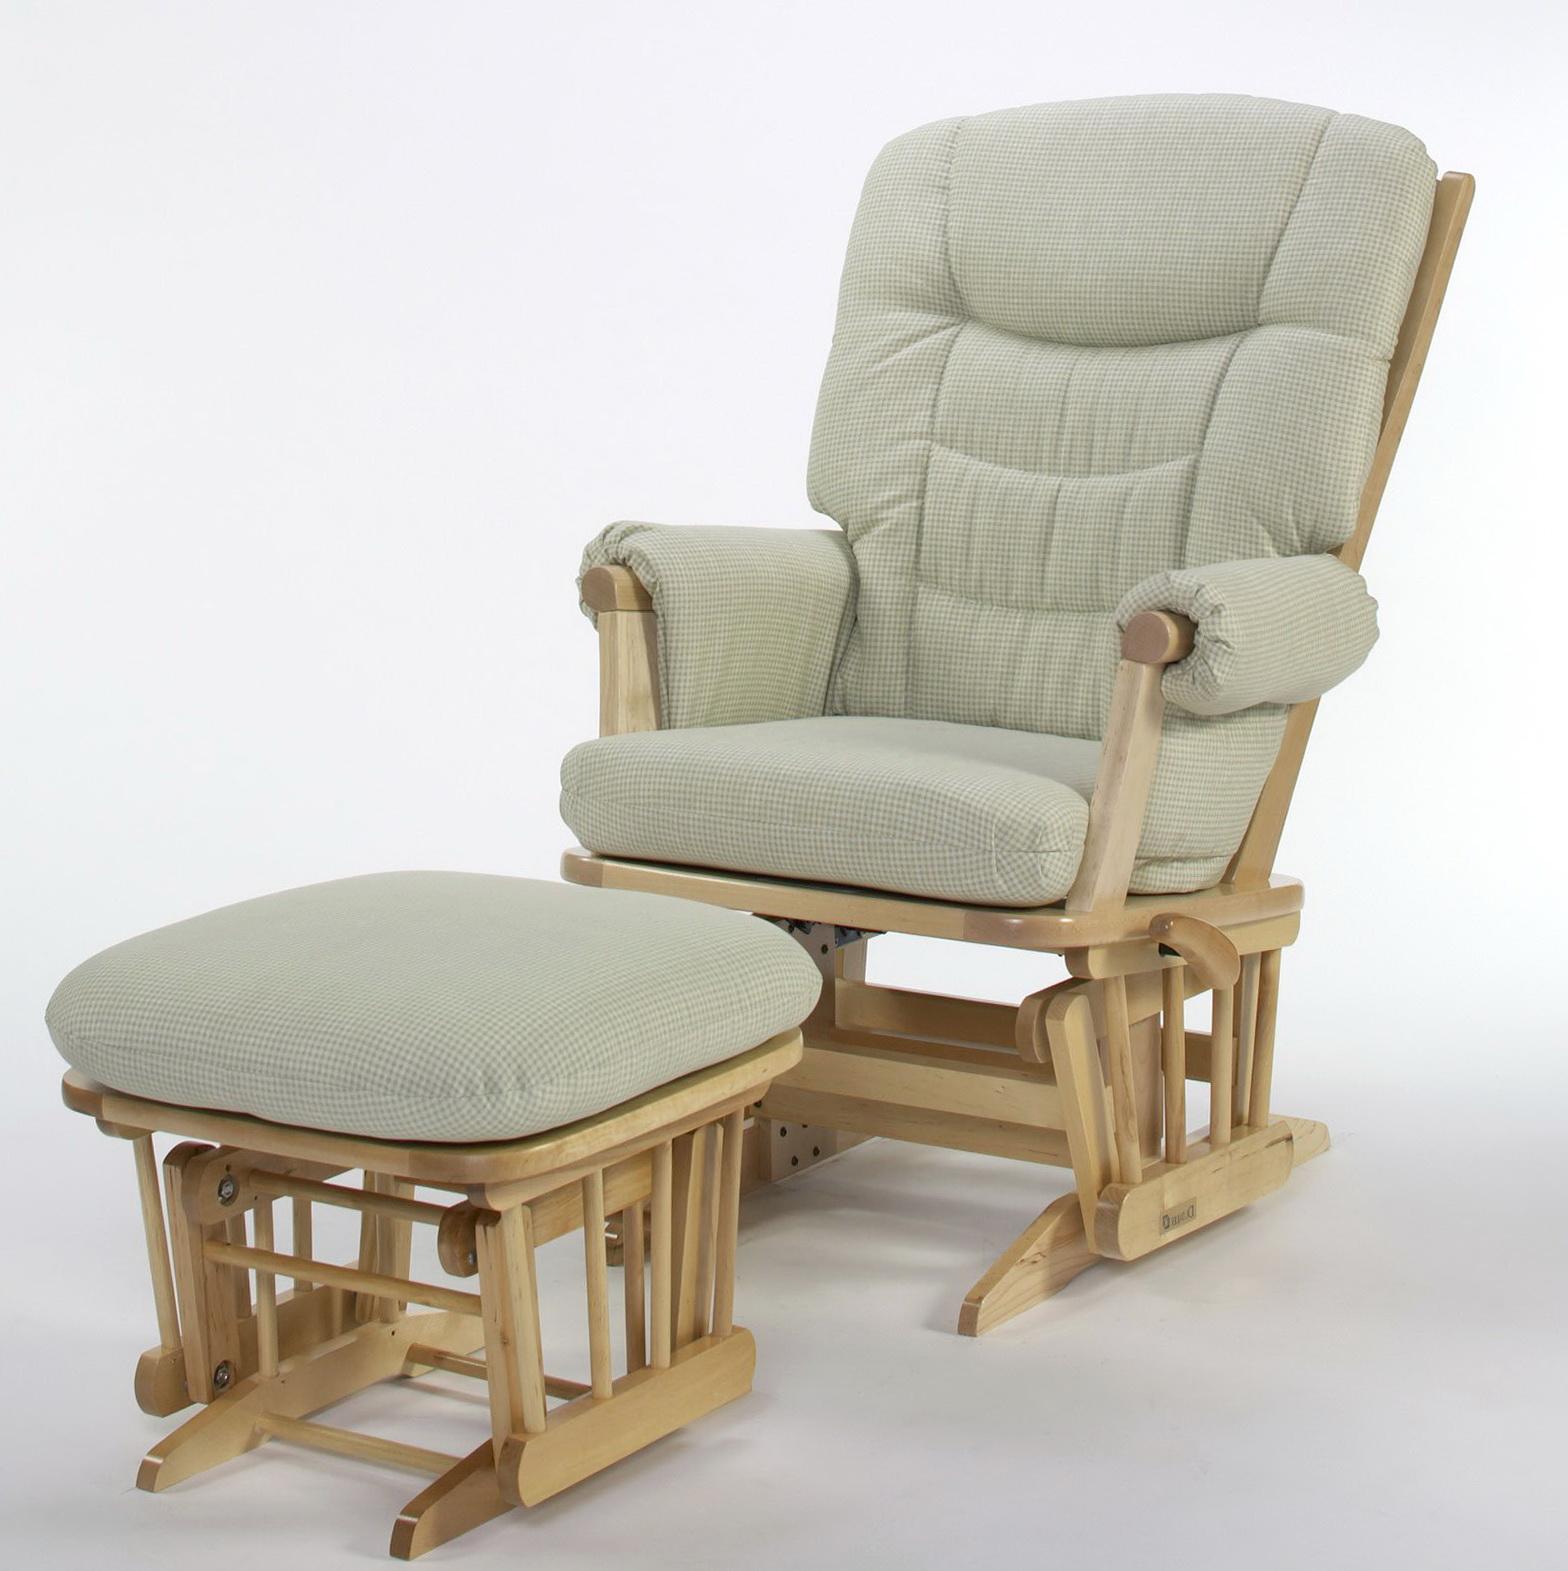 Rocking Chair Cushions Walmart